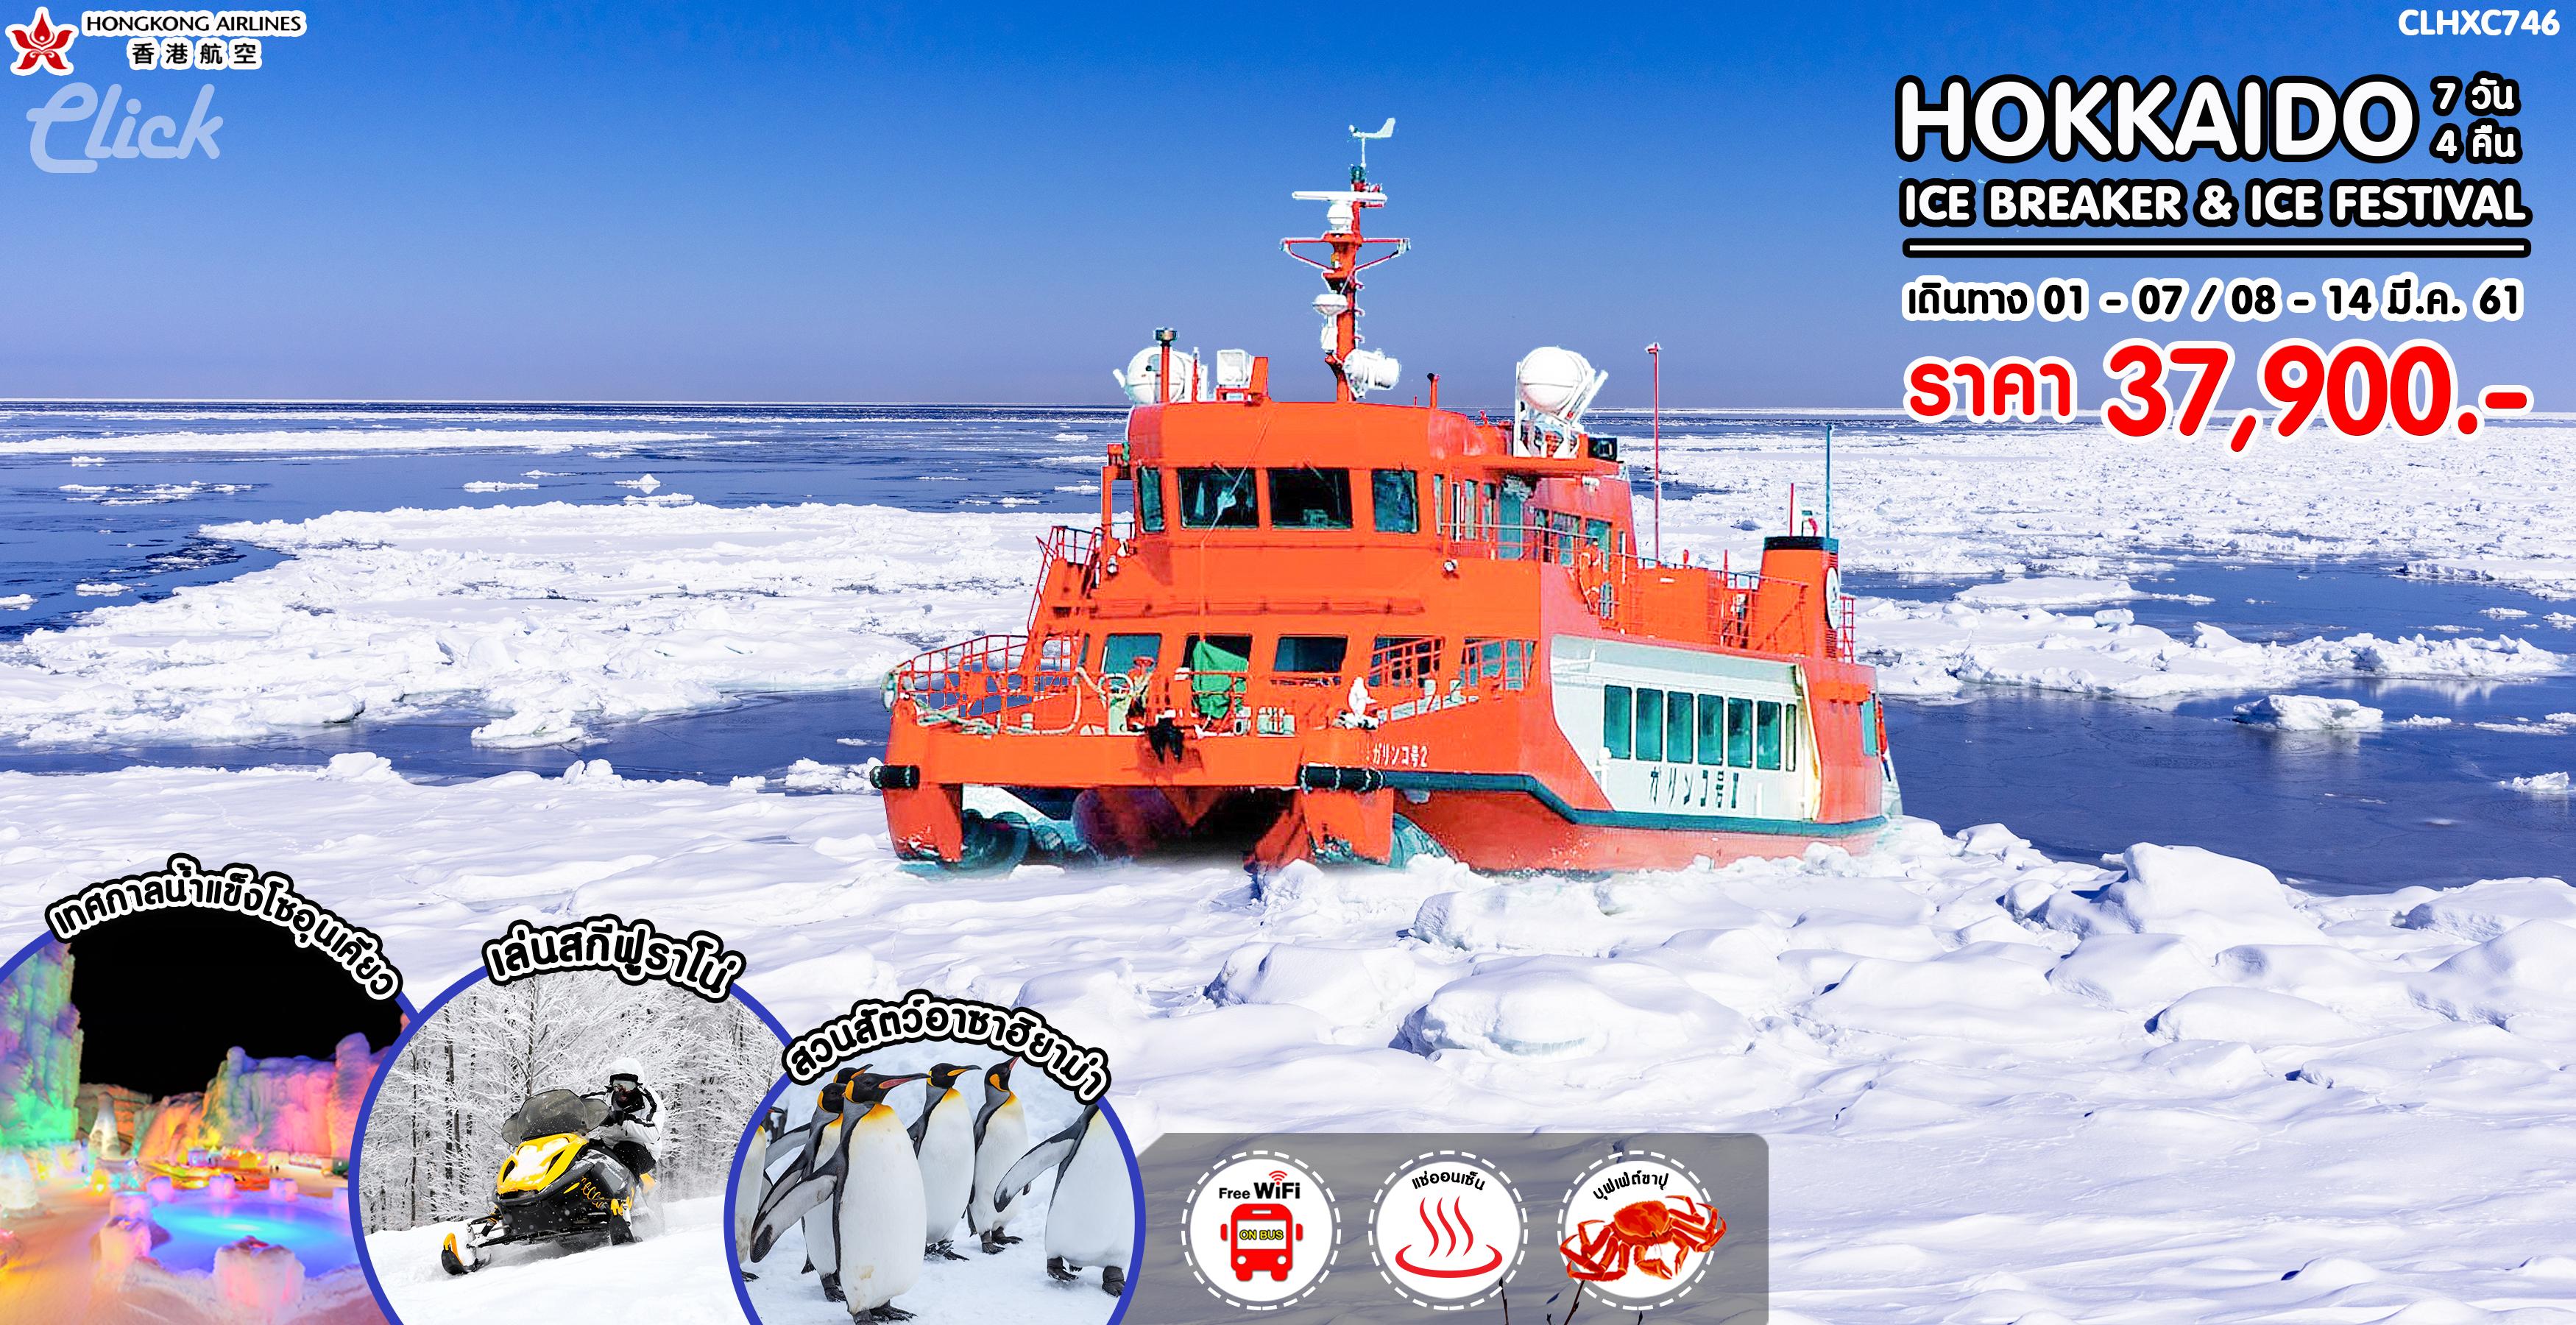 HOKKAIDO ICE BREAKER & ICE FESTIVAL 7D4N (HX)